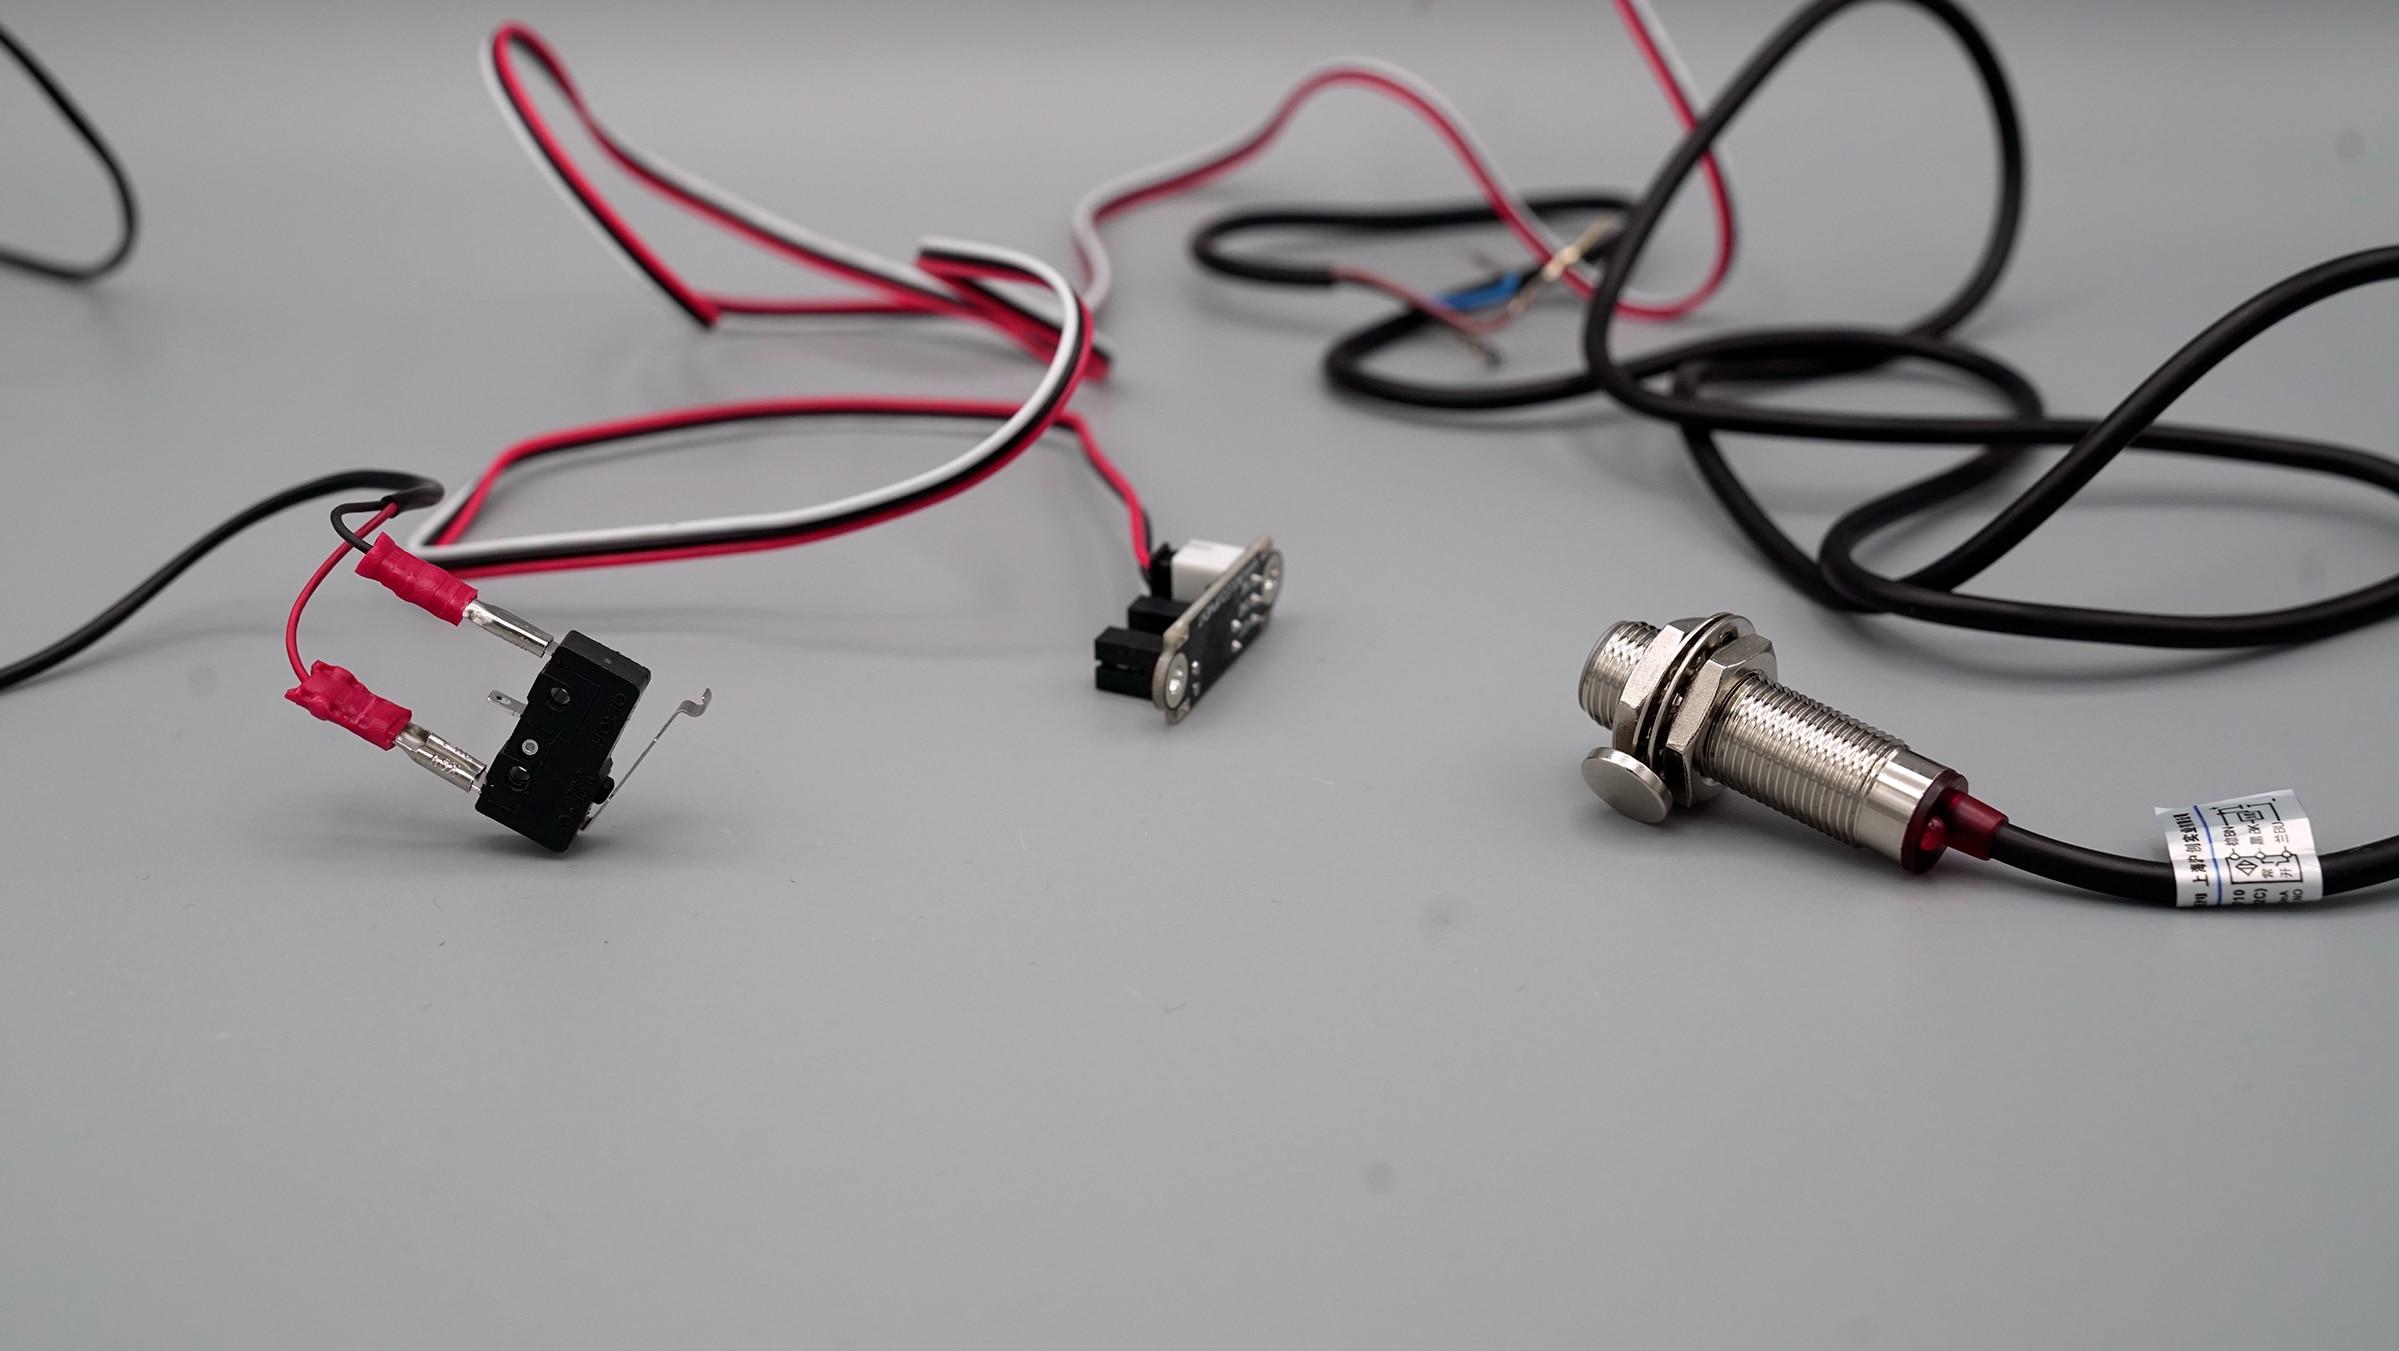 ماژول سنسور برخورد یا میکروسوییچ End Stop : قطعه الکترونیک پرینتر سه بعدی FDM